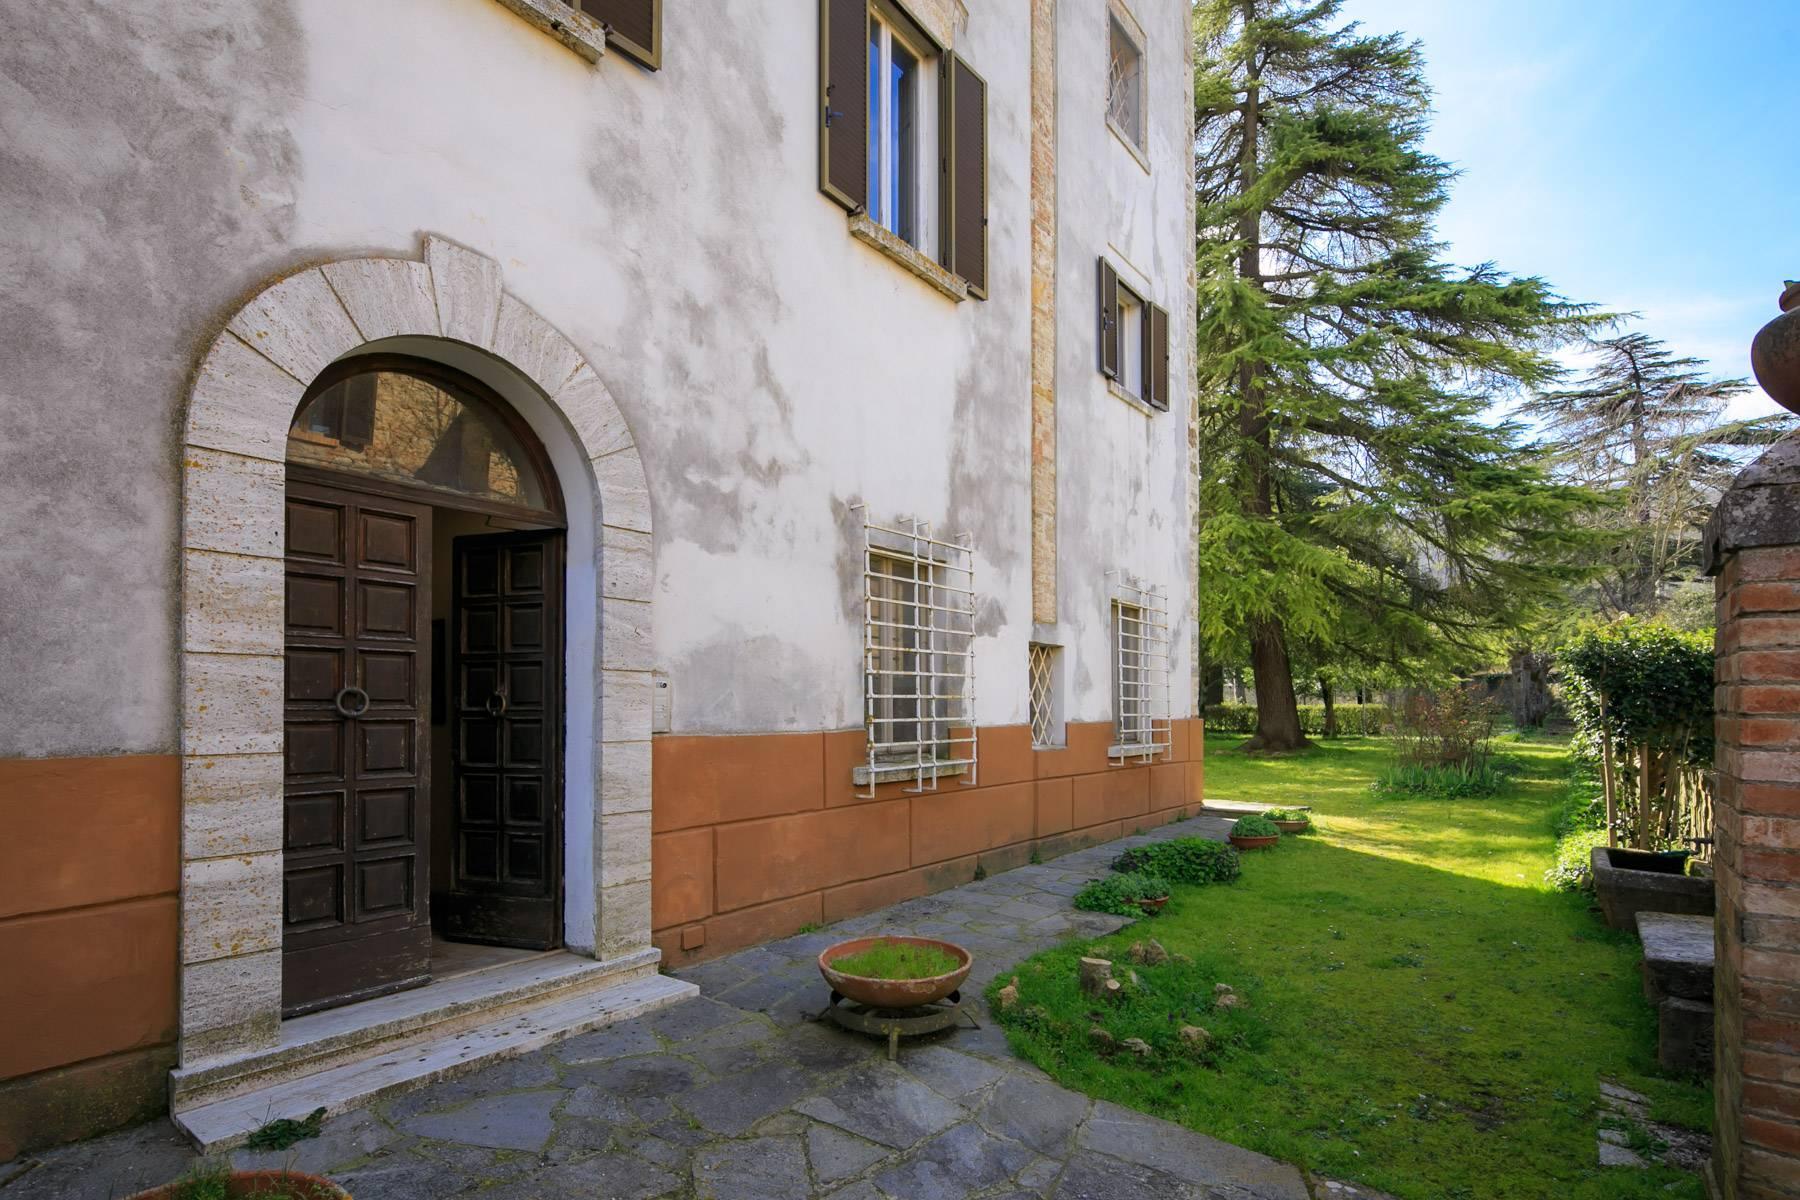 Prächtige historische Villa mit neoklassizistischer Kapelle und Park - 32